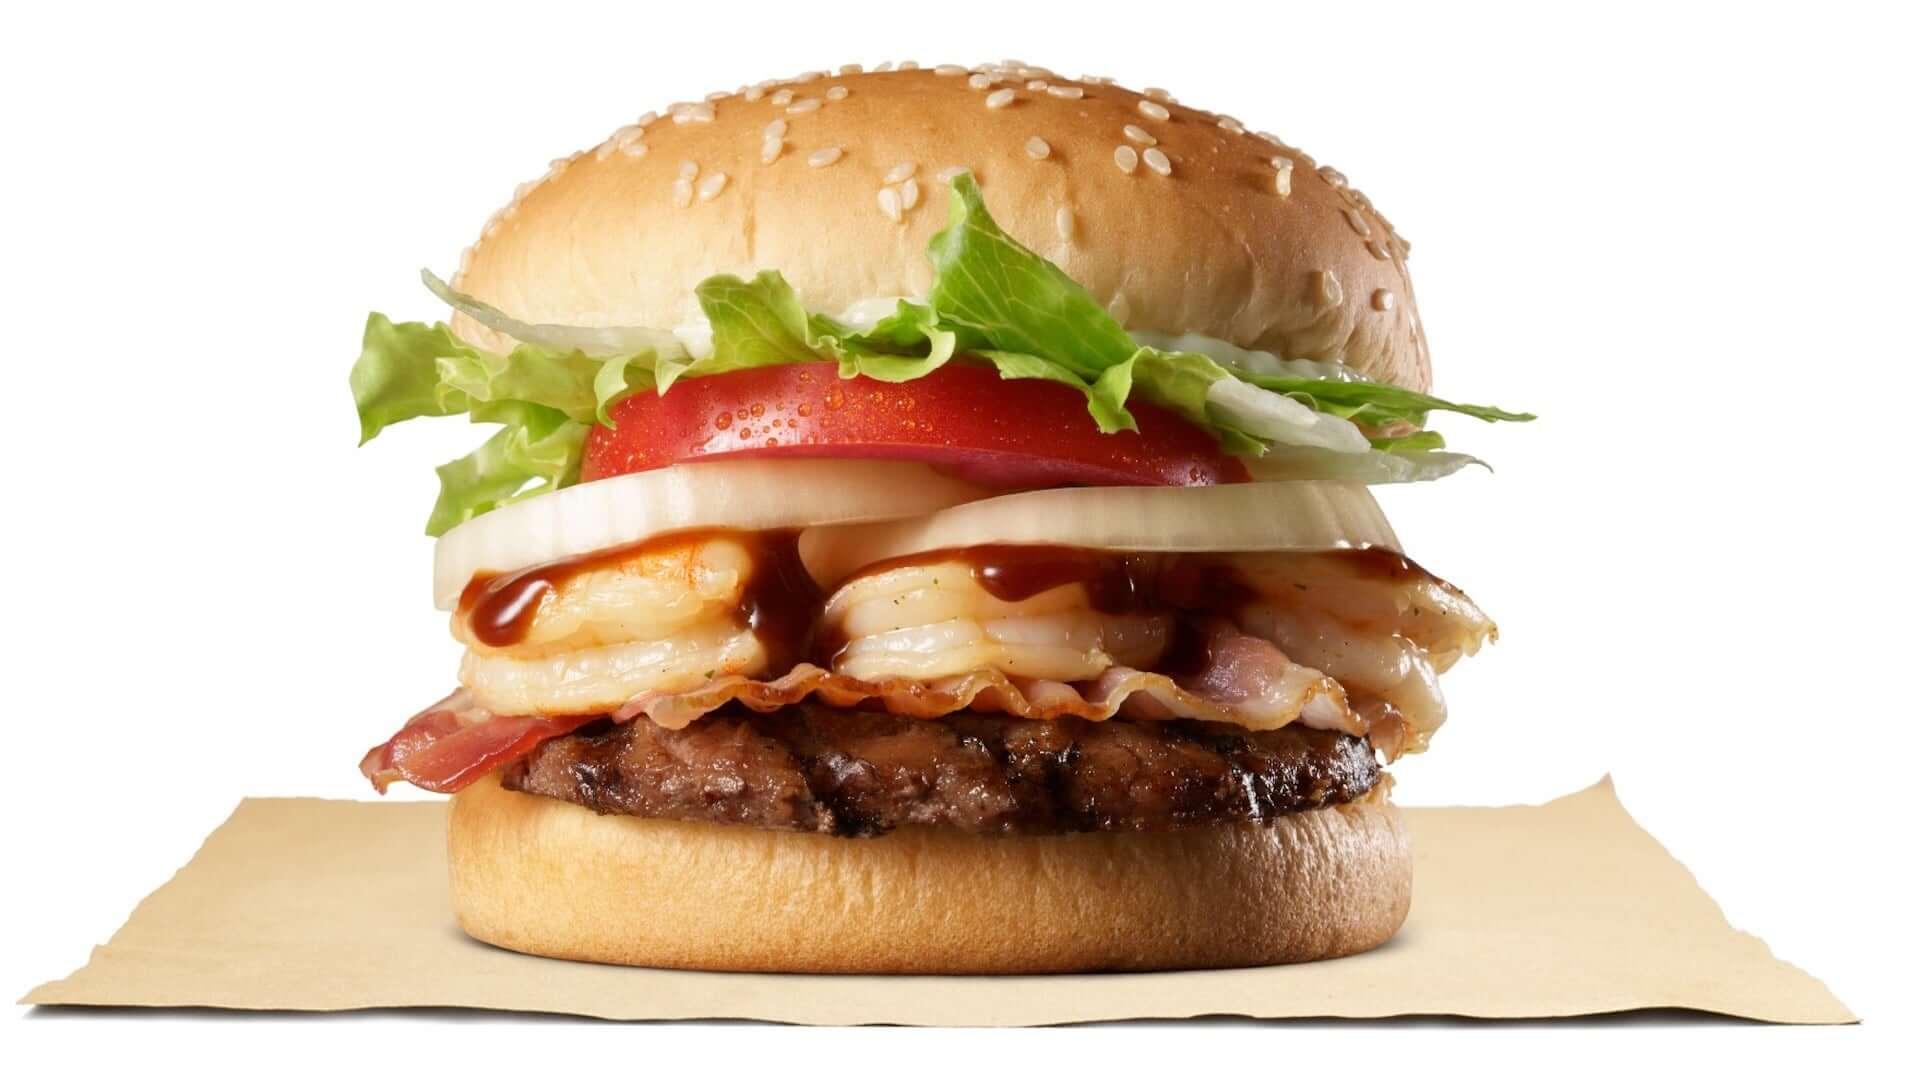 バーガーキングから魚介×牛肉を堪能できる新商品『バーベキュー6シュリンプワッパー(R)』が期間限定で登場!公式アプリではクーポンも配信 gourmet200806_burgerking_1-1920x1066